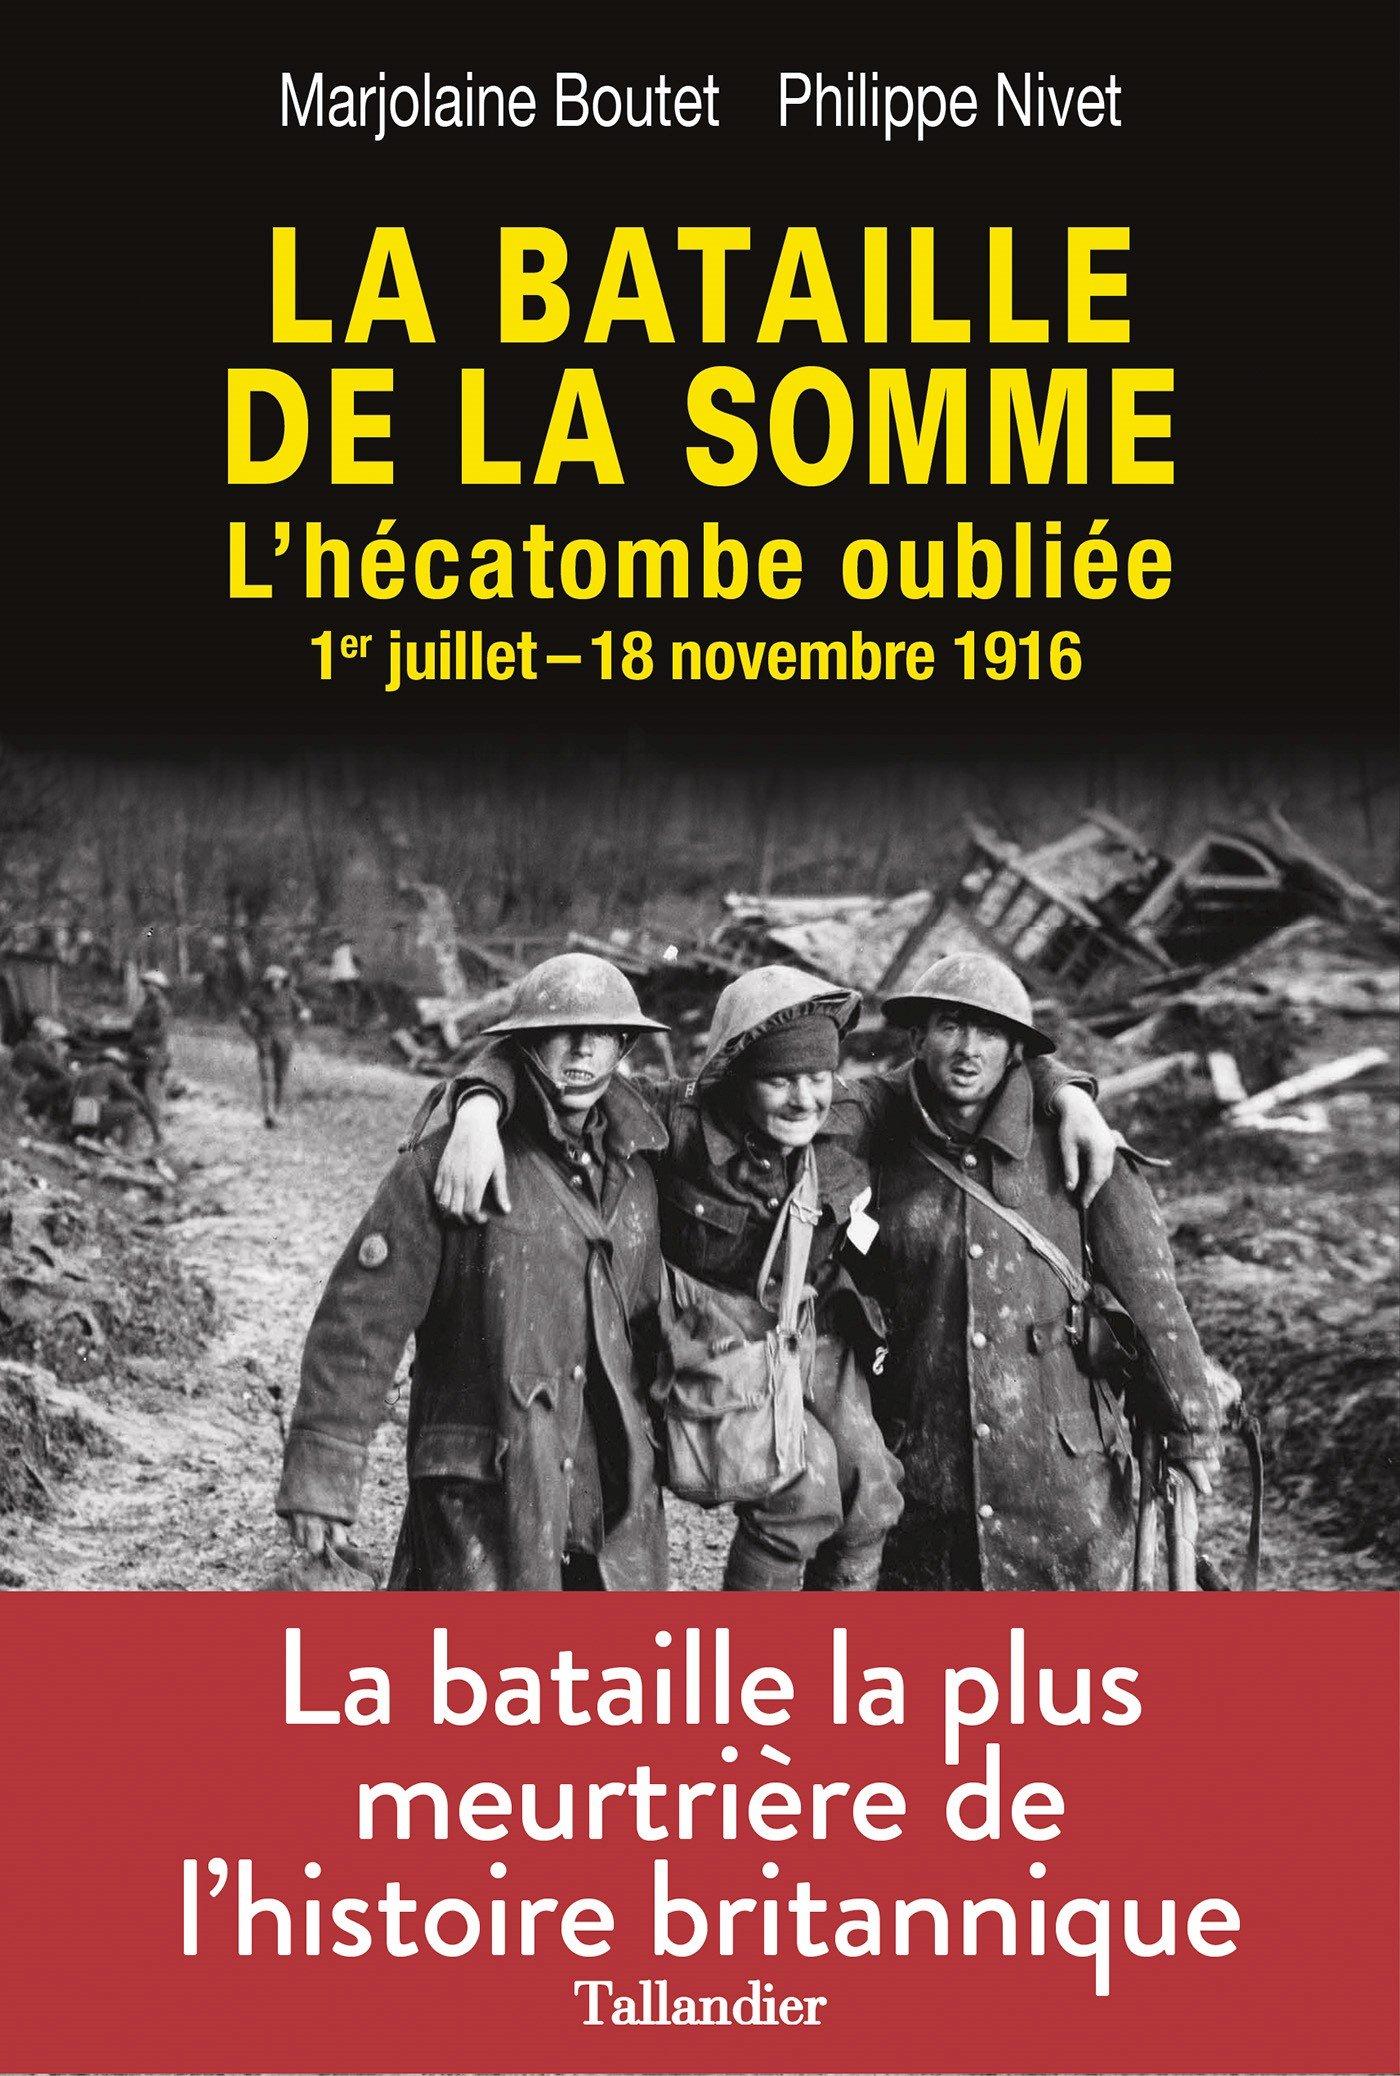 La bataille de la Somme Boutet Nivet